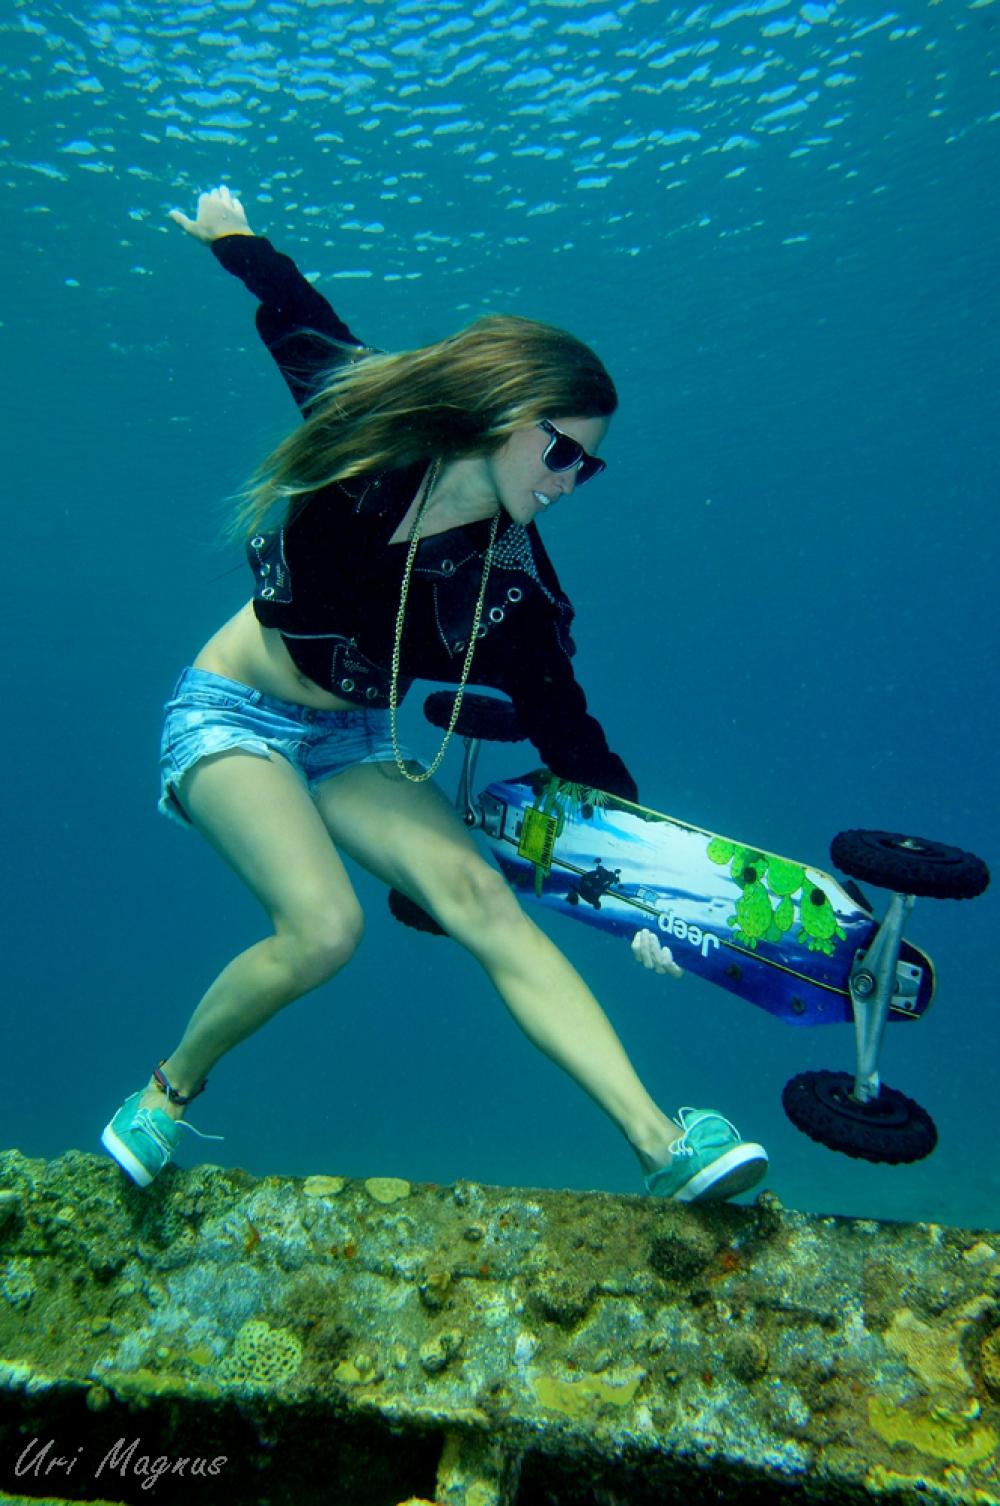 יובל ברכה מדגמנת בעומק של 4 מטר בטכניקה של צלילה חופשית. חלק מאלבום של 5 תמונות שזכה במקום השלישי בתחרות הצילום התת-ימי באילת בקטגוריית האופנה לשנת 2013.